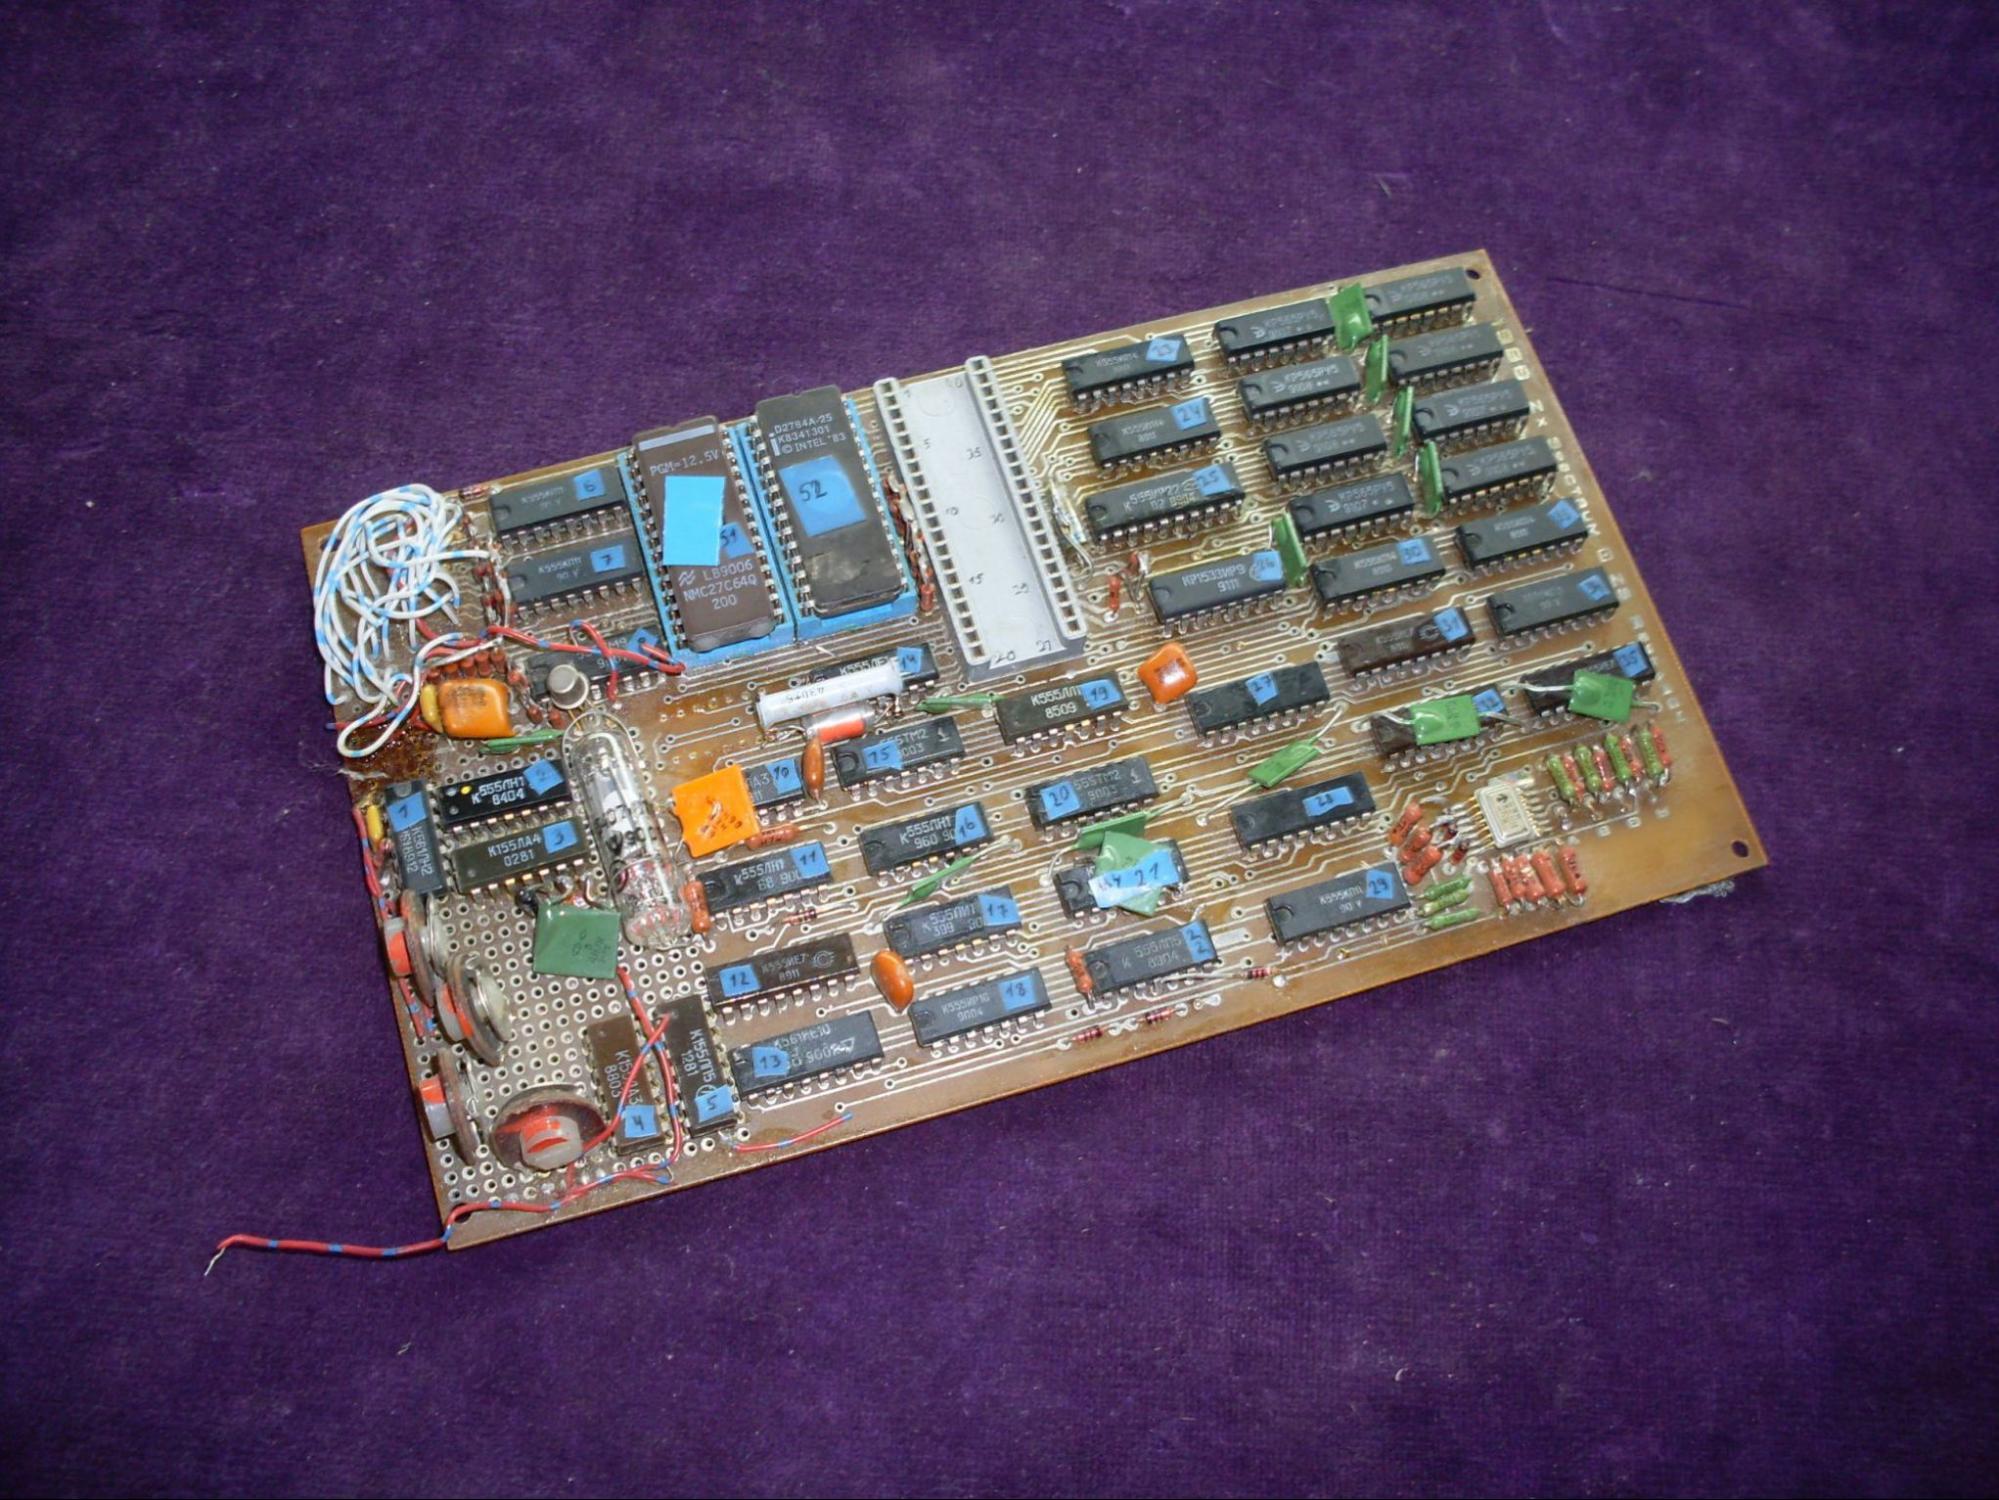 Ленинградский клон ZX Spectrum